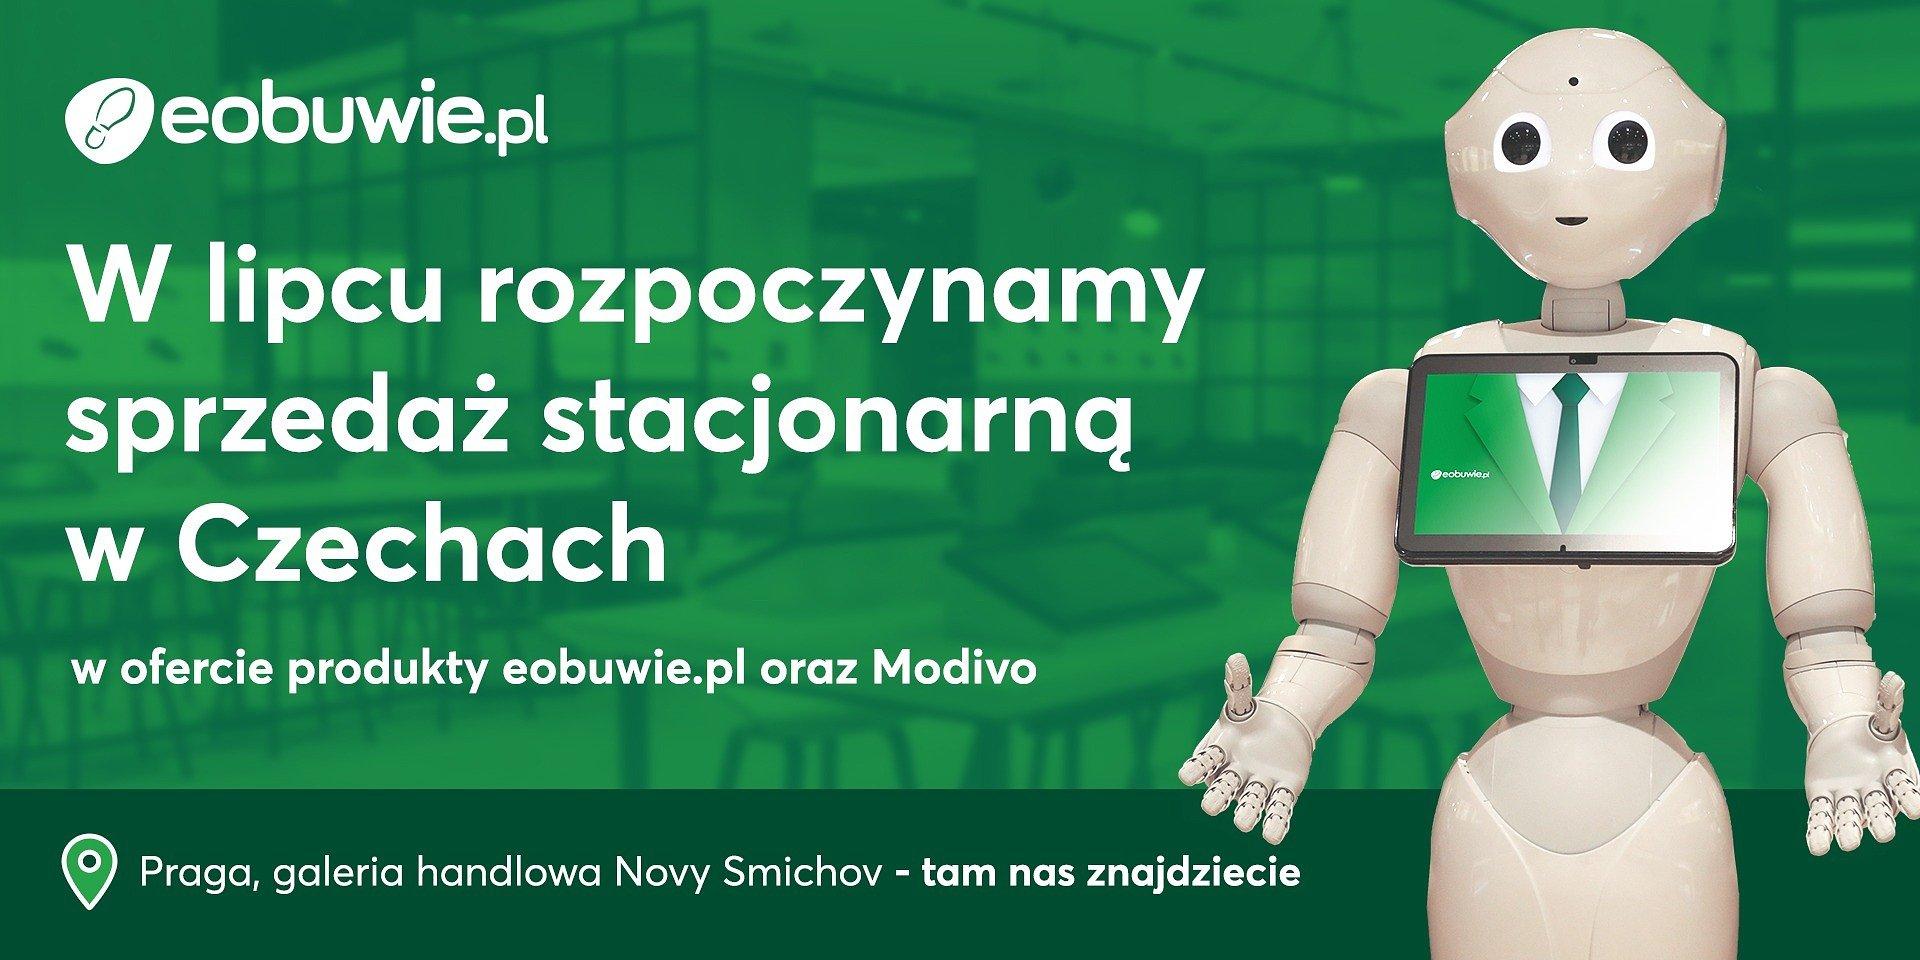 Eobuwie.pl rozpoczyna sprzedaż stacjonarną w Czechach